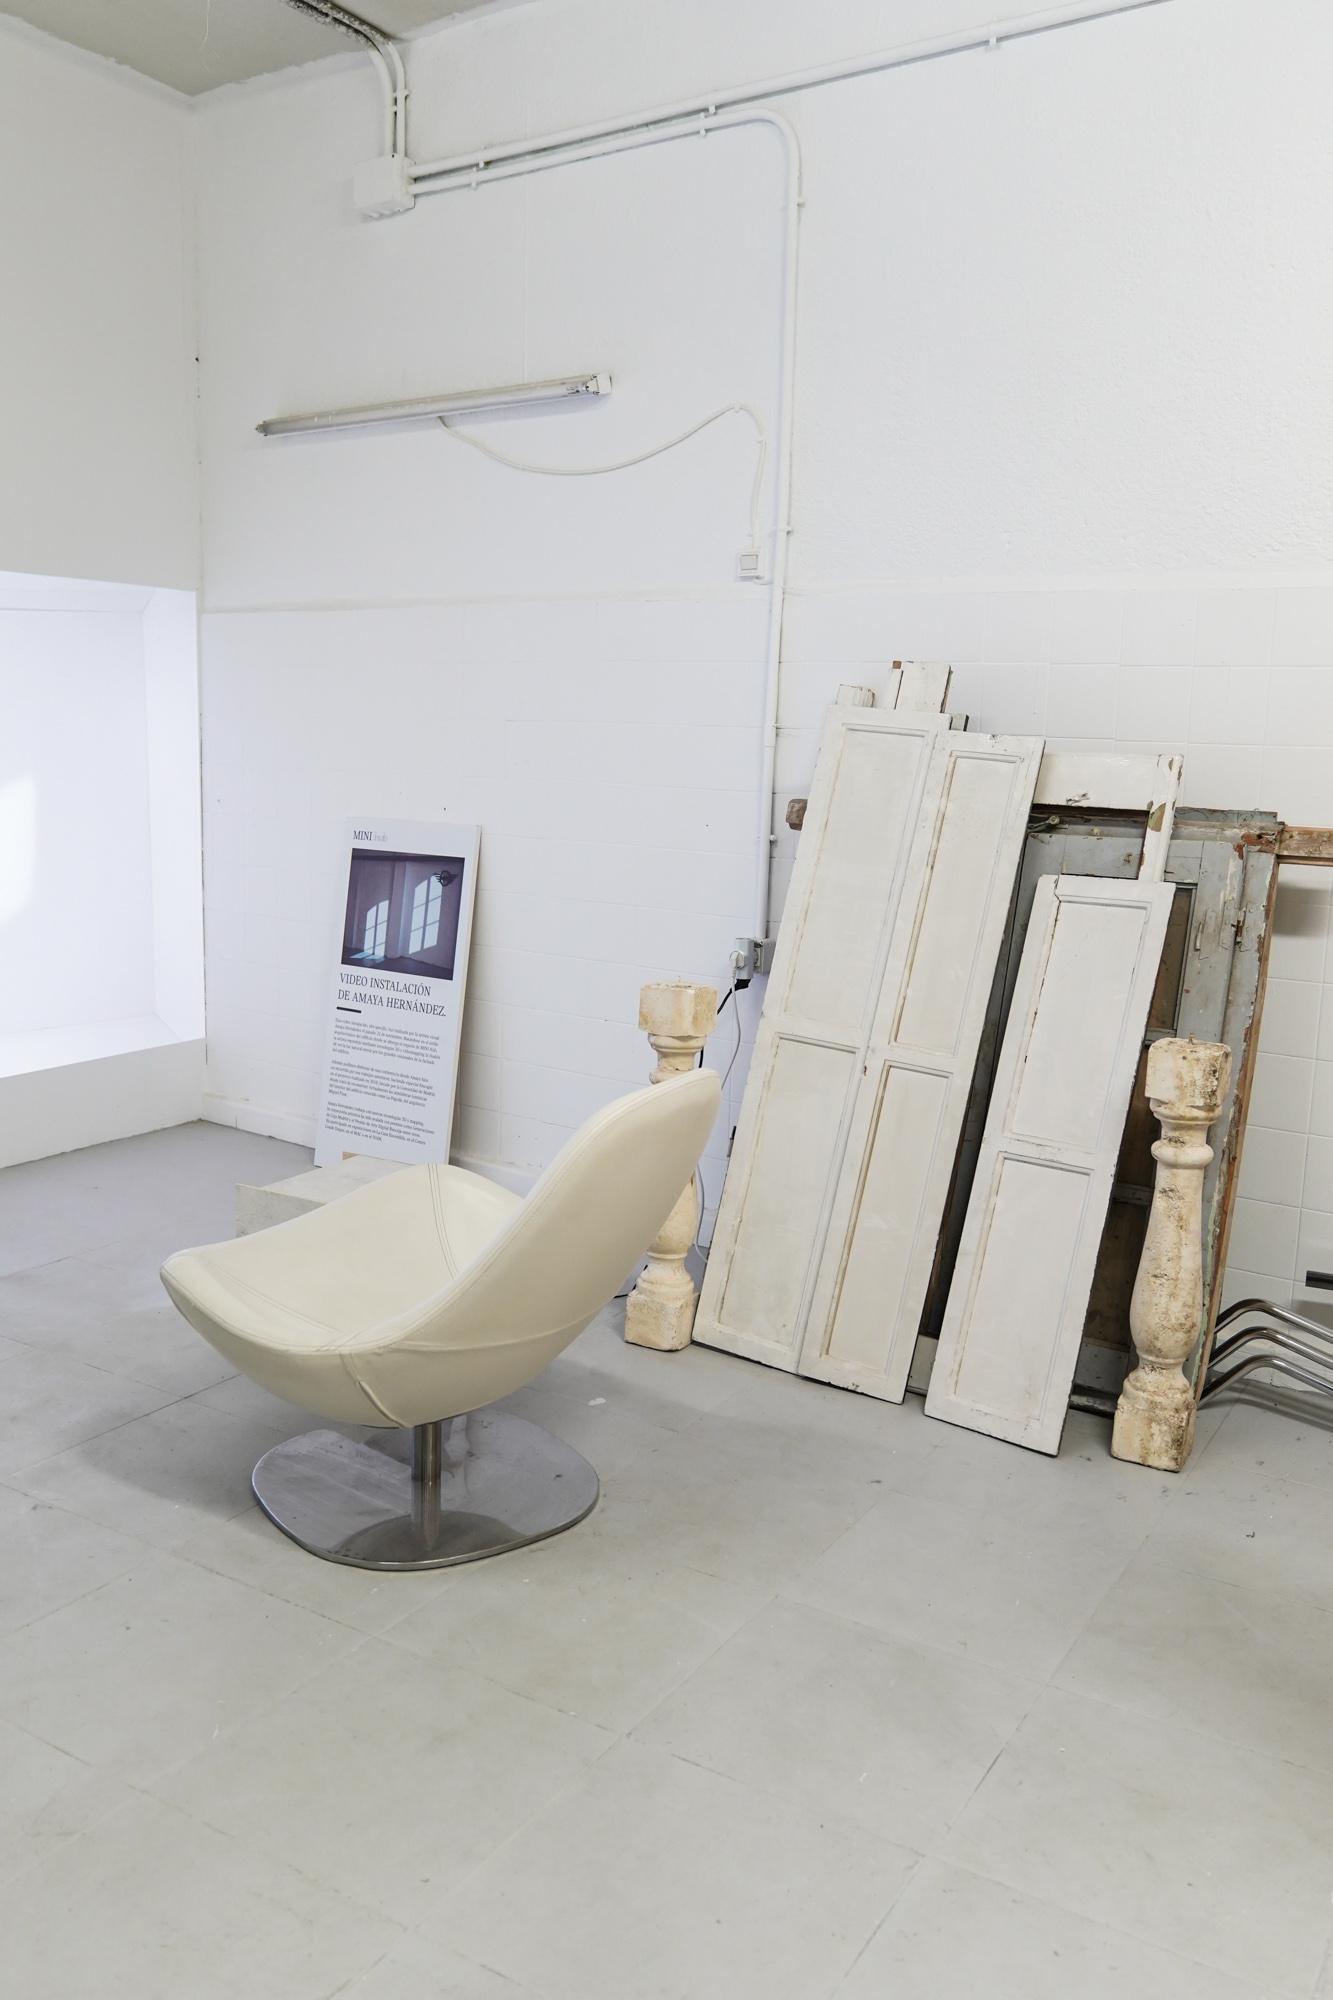 CaballeroCosmica-Exhibitionphoto-openstudio-21.jpg